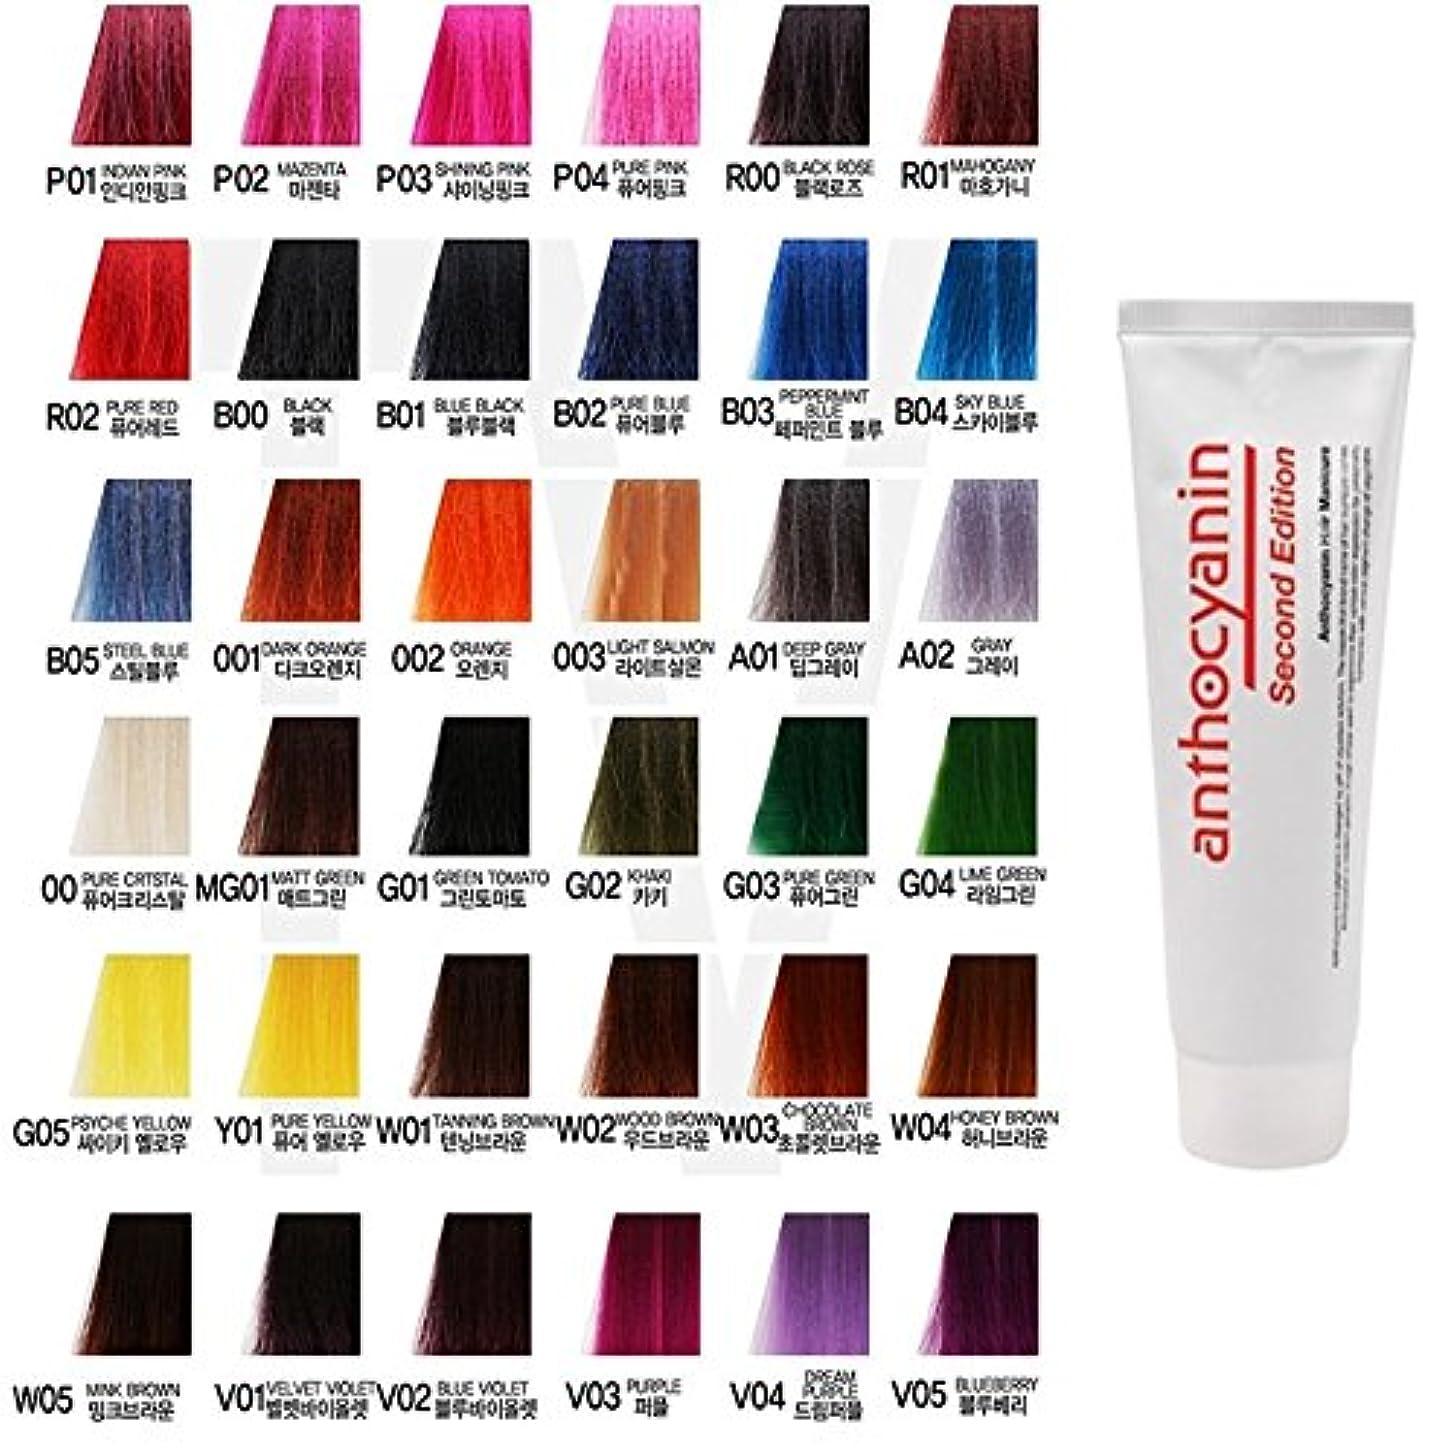 背骨出来事豆ヘア マニキュア カラー セカンド エディション 230g セミ パーマネント 染毛剤 ( Hair Manicure Color Second Edition 230g Semi Permanent Hair Dye) [並行輸入品] (A01 Deep Gray)